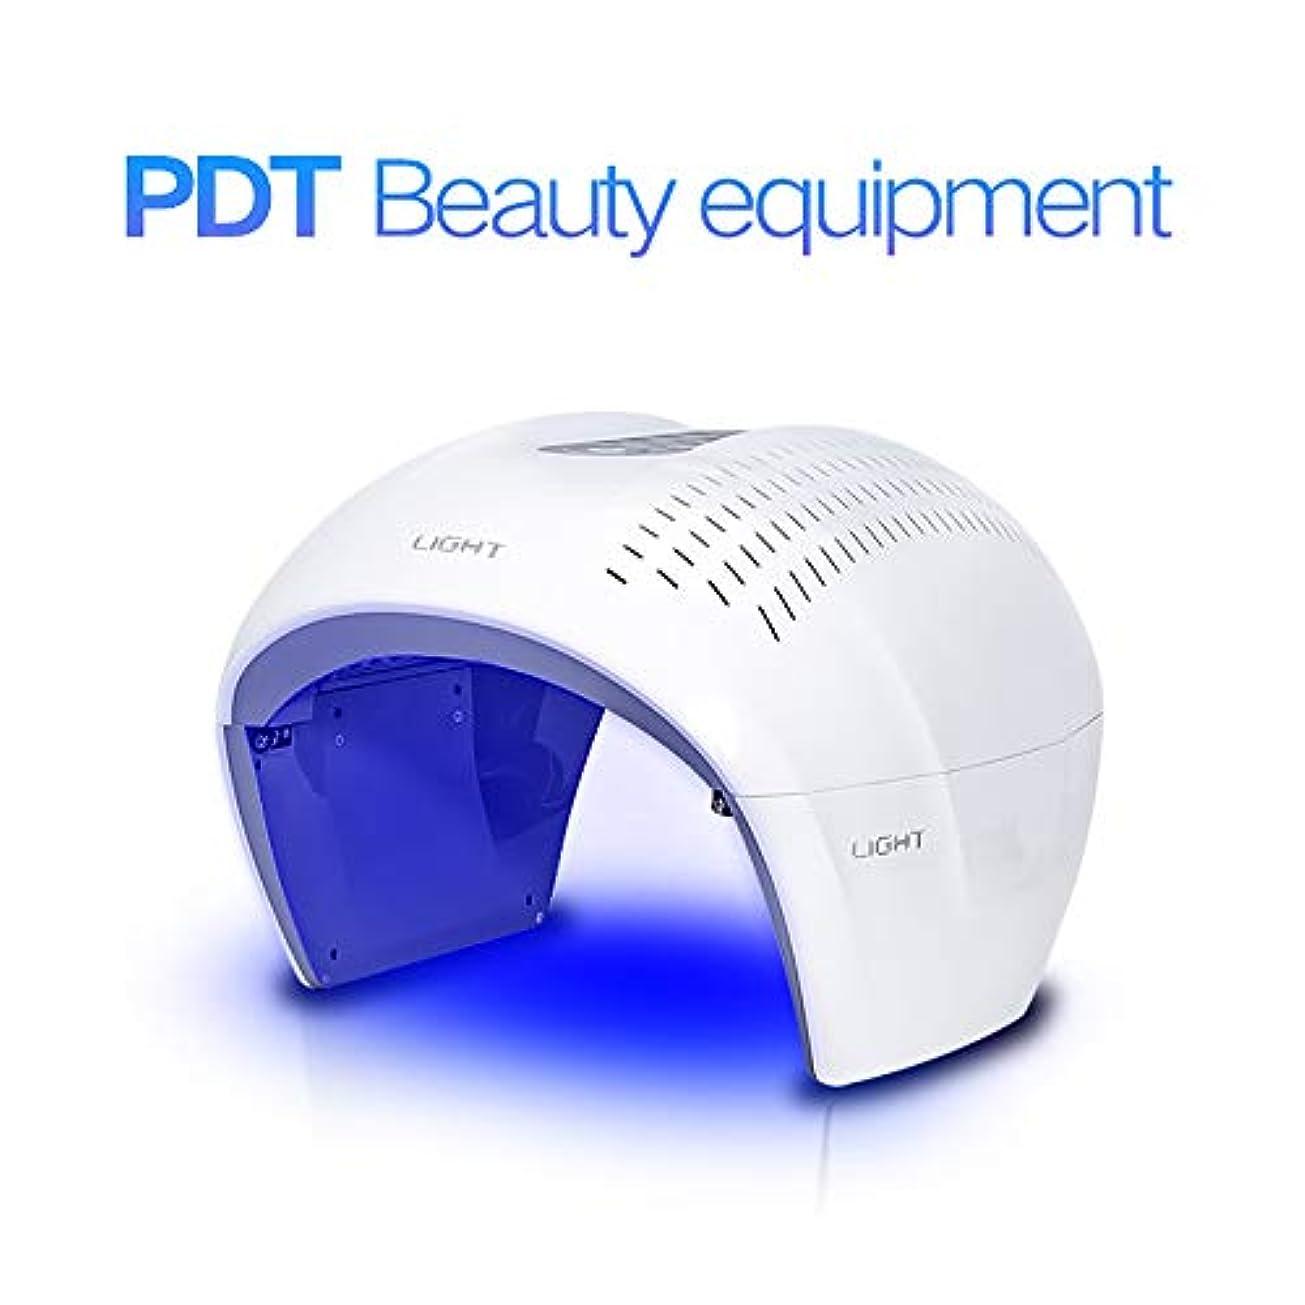 嫌がらせめる報いる健康な肌の若返りのコラーゲン、反老化、4色LEDの美のスキンケアの光子療法機械のための表面光子の赤灯療法